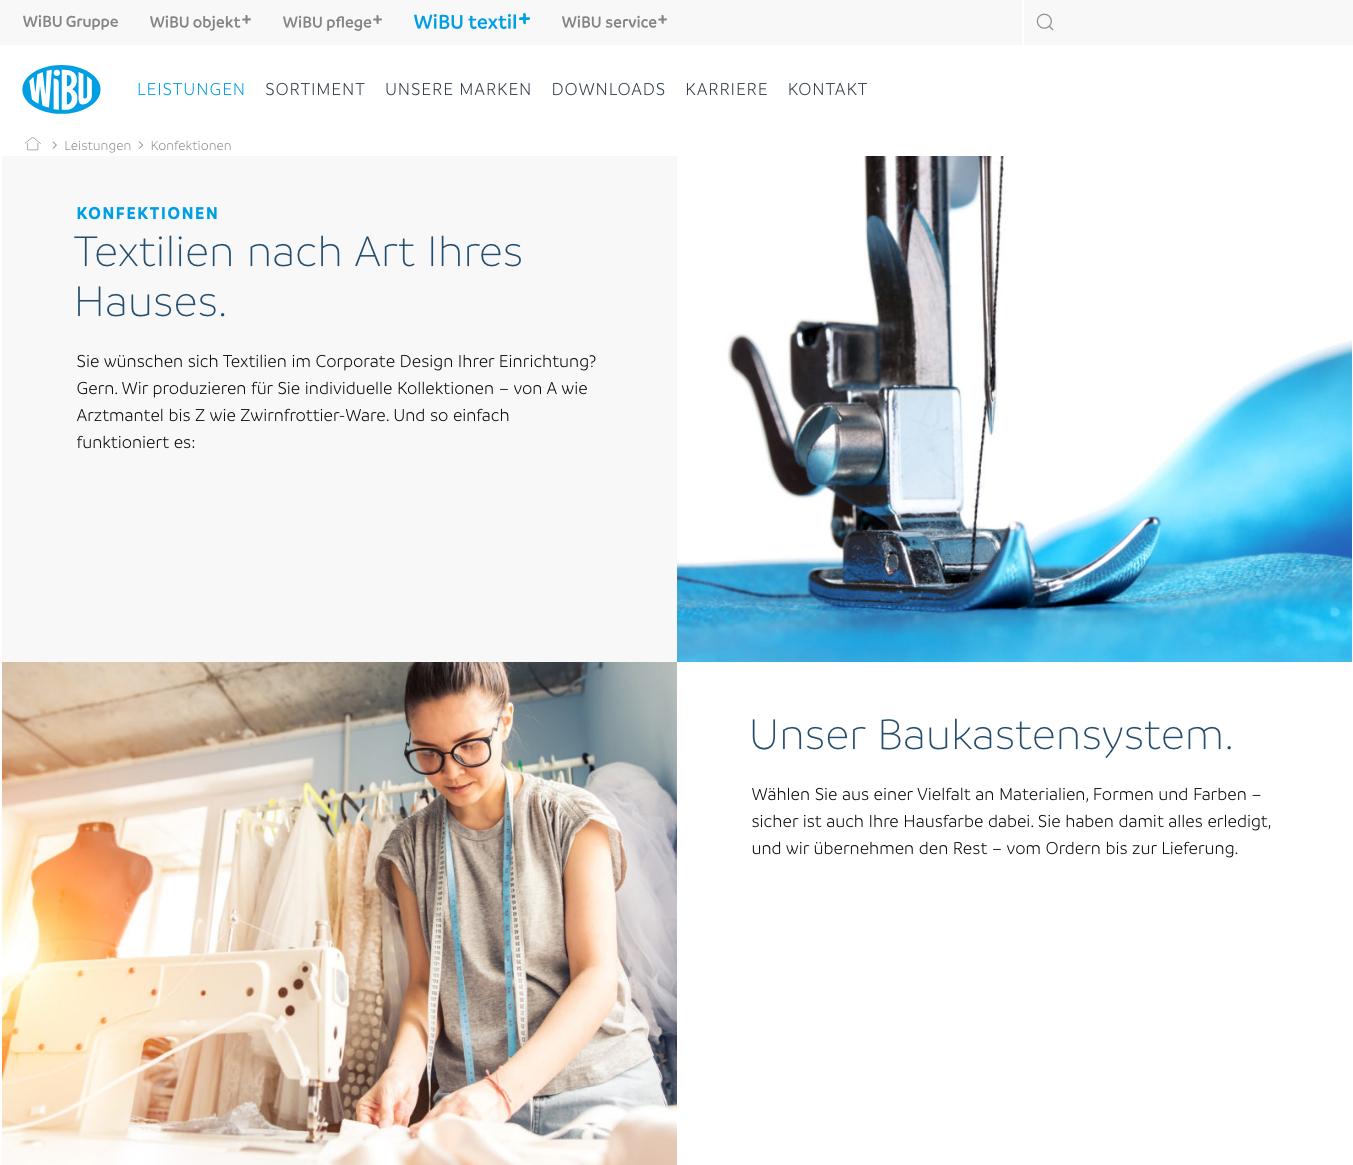 WiBU-TextilPlus_Konfektion.de_1.png